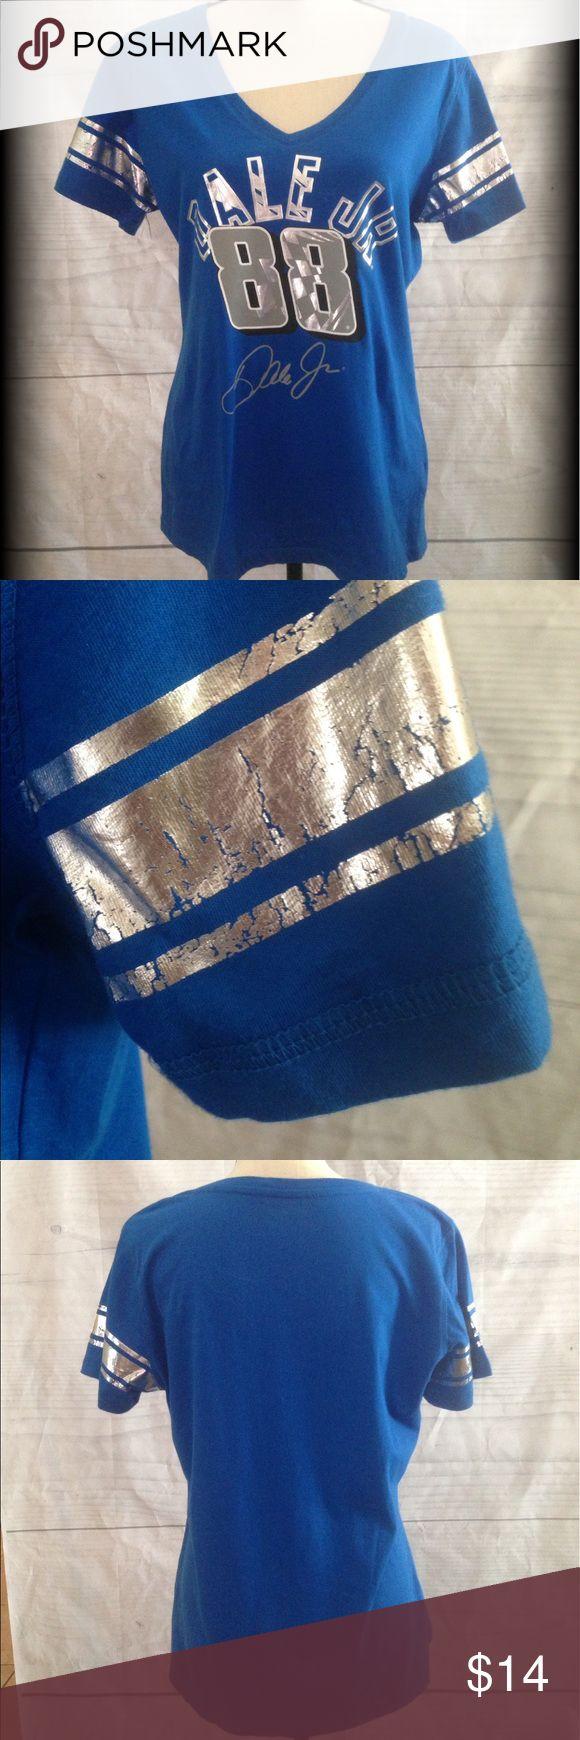 Dale Earnhardt Jr. NASCAR shirt Ladies V neck. Nice silver and grey logo design on front. 100% cotton. NASCAR Tops Tees - Short Sleeve